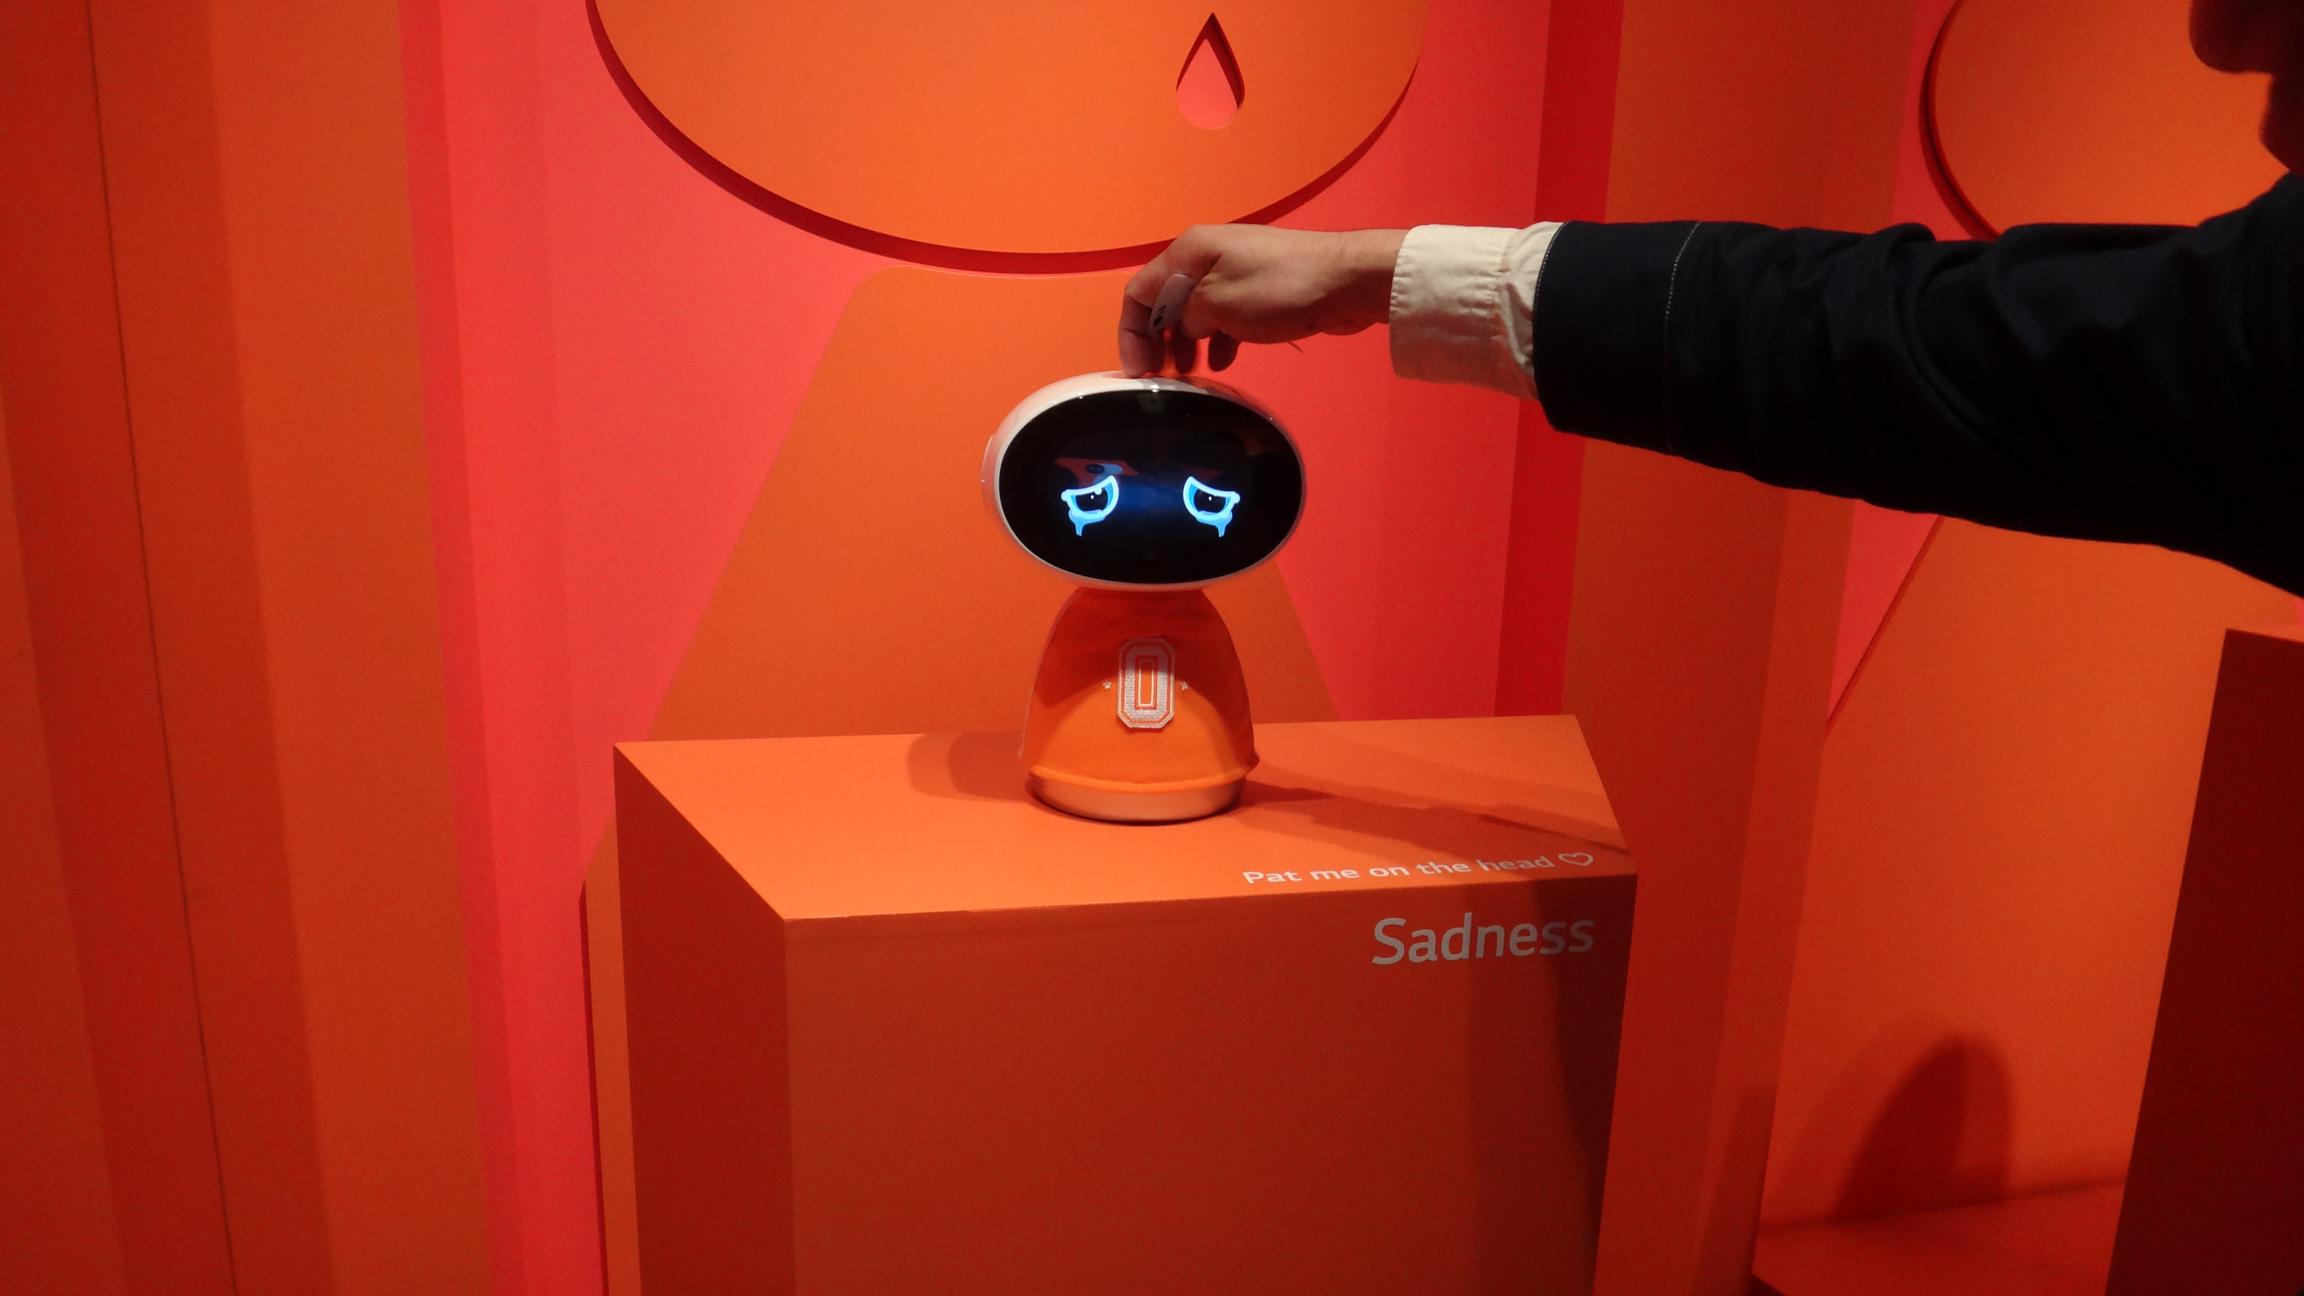 感情表現するロボット